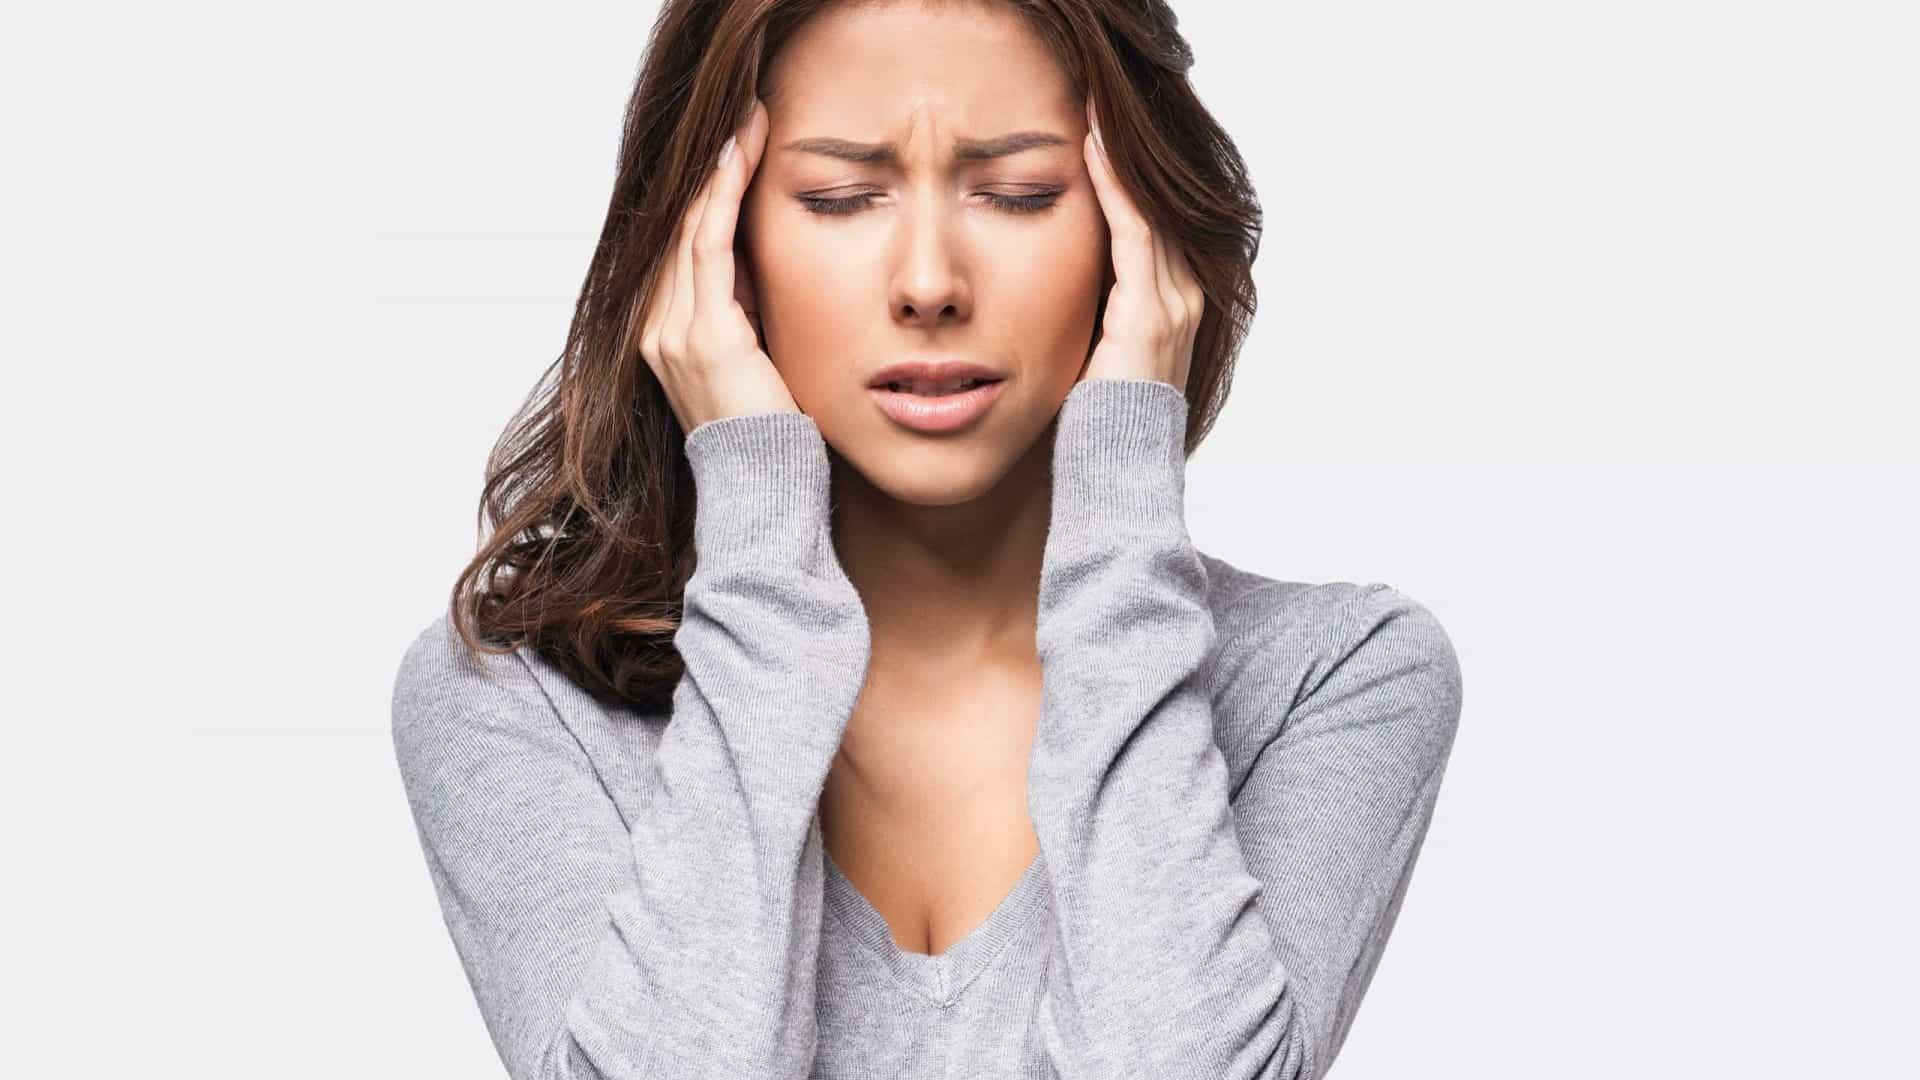 Há seis tipos de enxaquecas e um deles não causa dor. Saiba mais